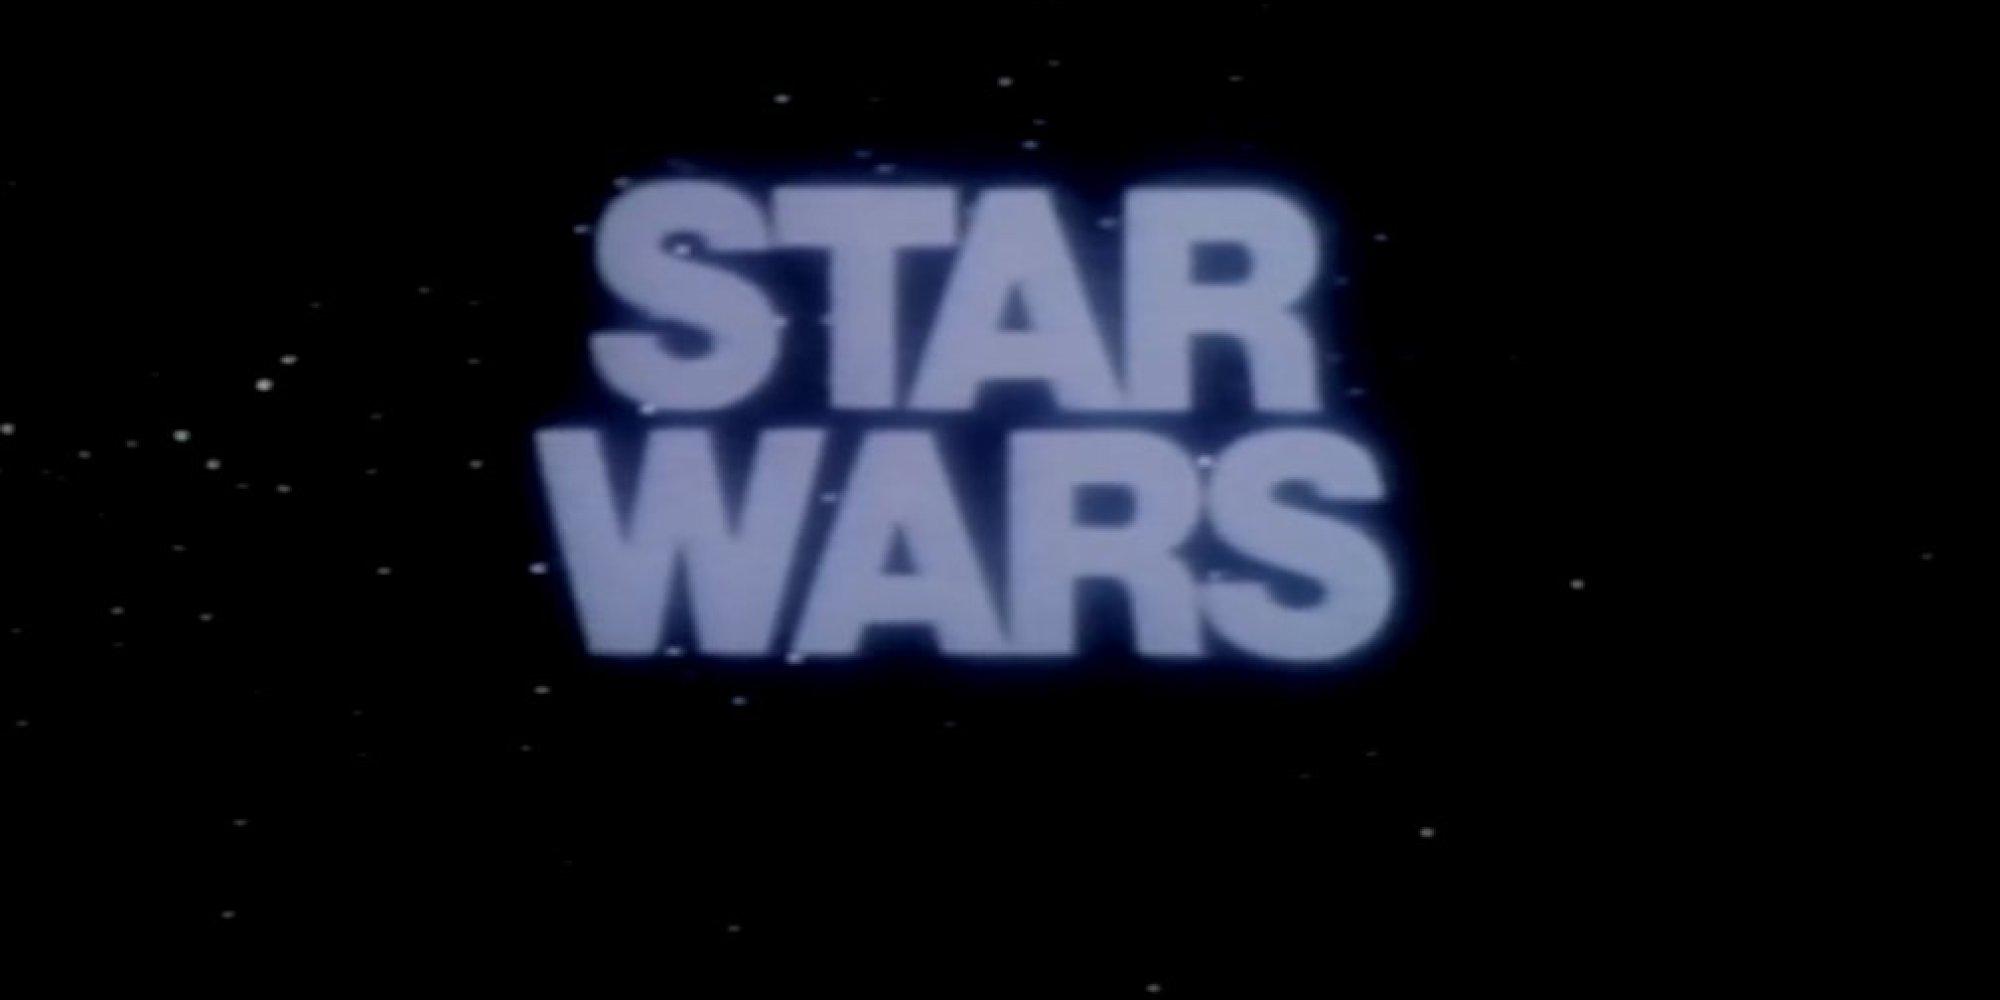 original  u0026 39 star wars u0026 39  trailer surfaces in all its  u0026 39 70s sci